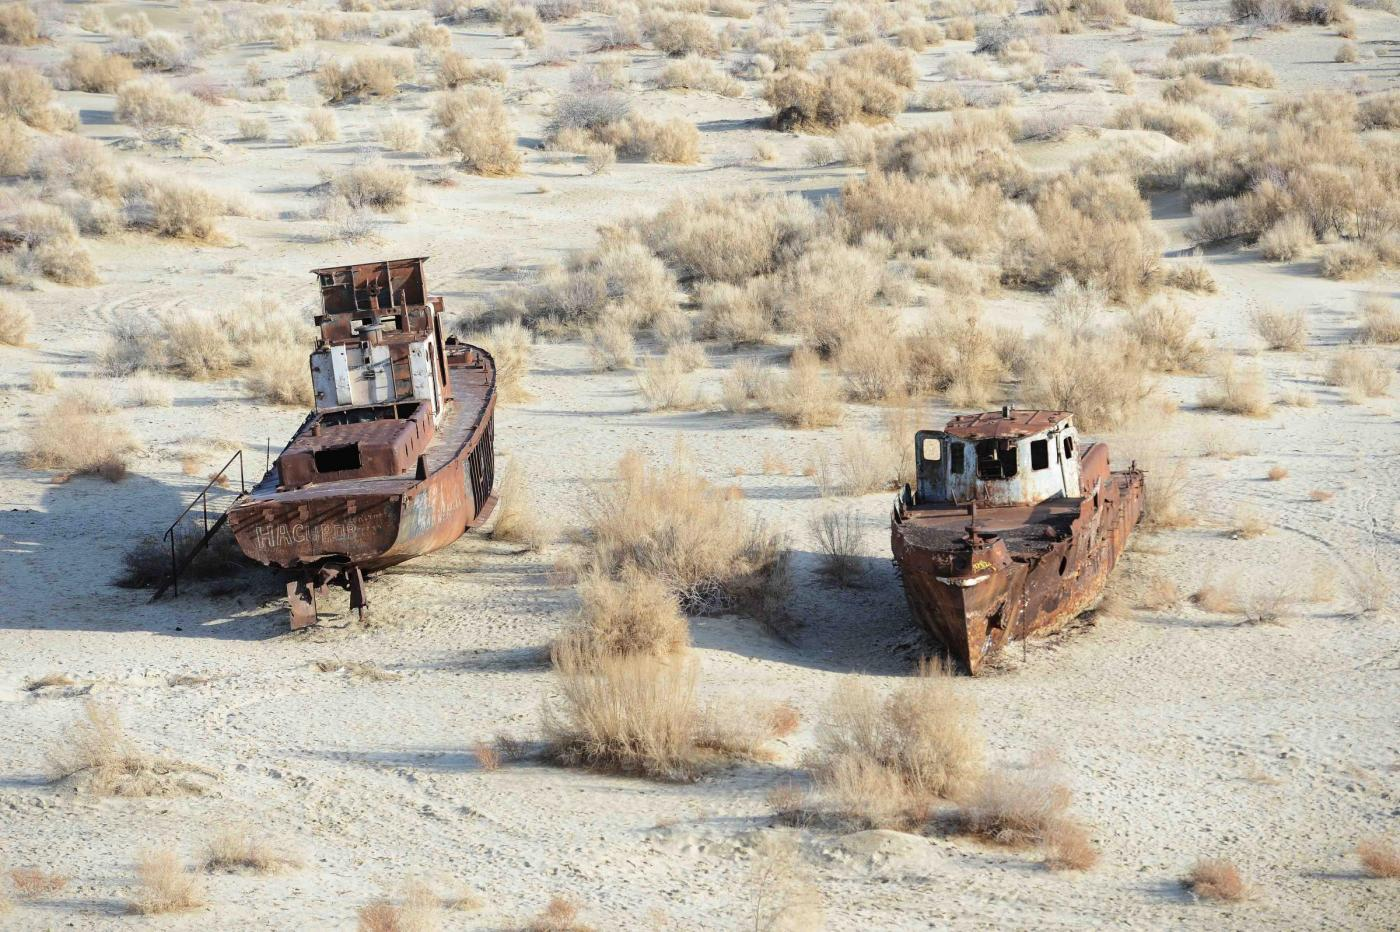 Lago Aral 2016: bacino d'acqua completamente scomparso